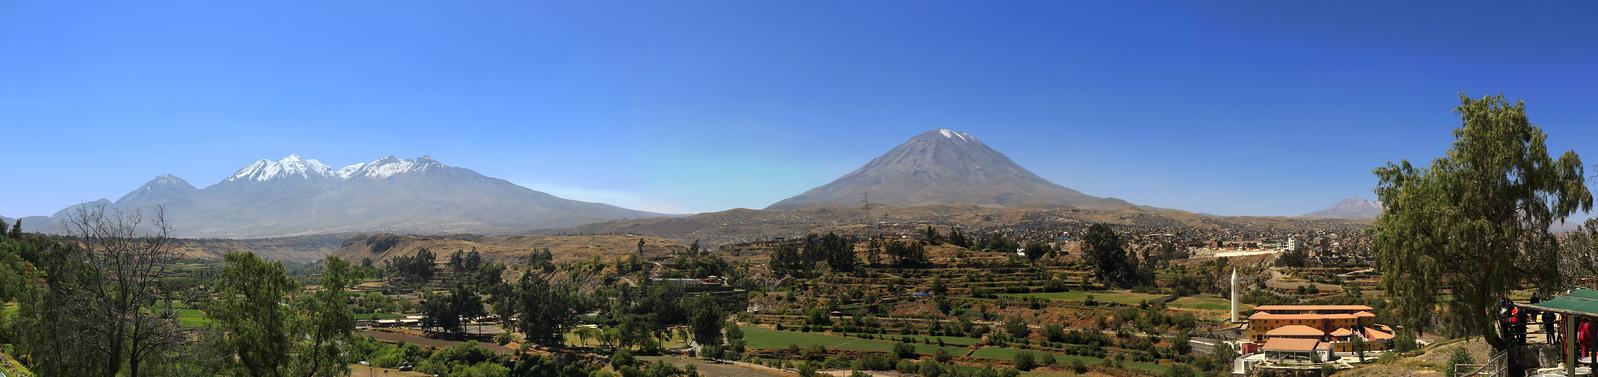 IMAGE: https://photos.smugmug.com/The-Wide-Wide-World/Peru/Arequipa/i-ZLS2Zzk/2/e56b3b65/X3/Arequipa%20Pano%202-X3.jpg